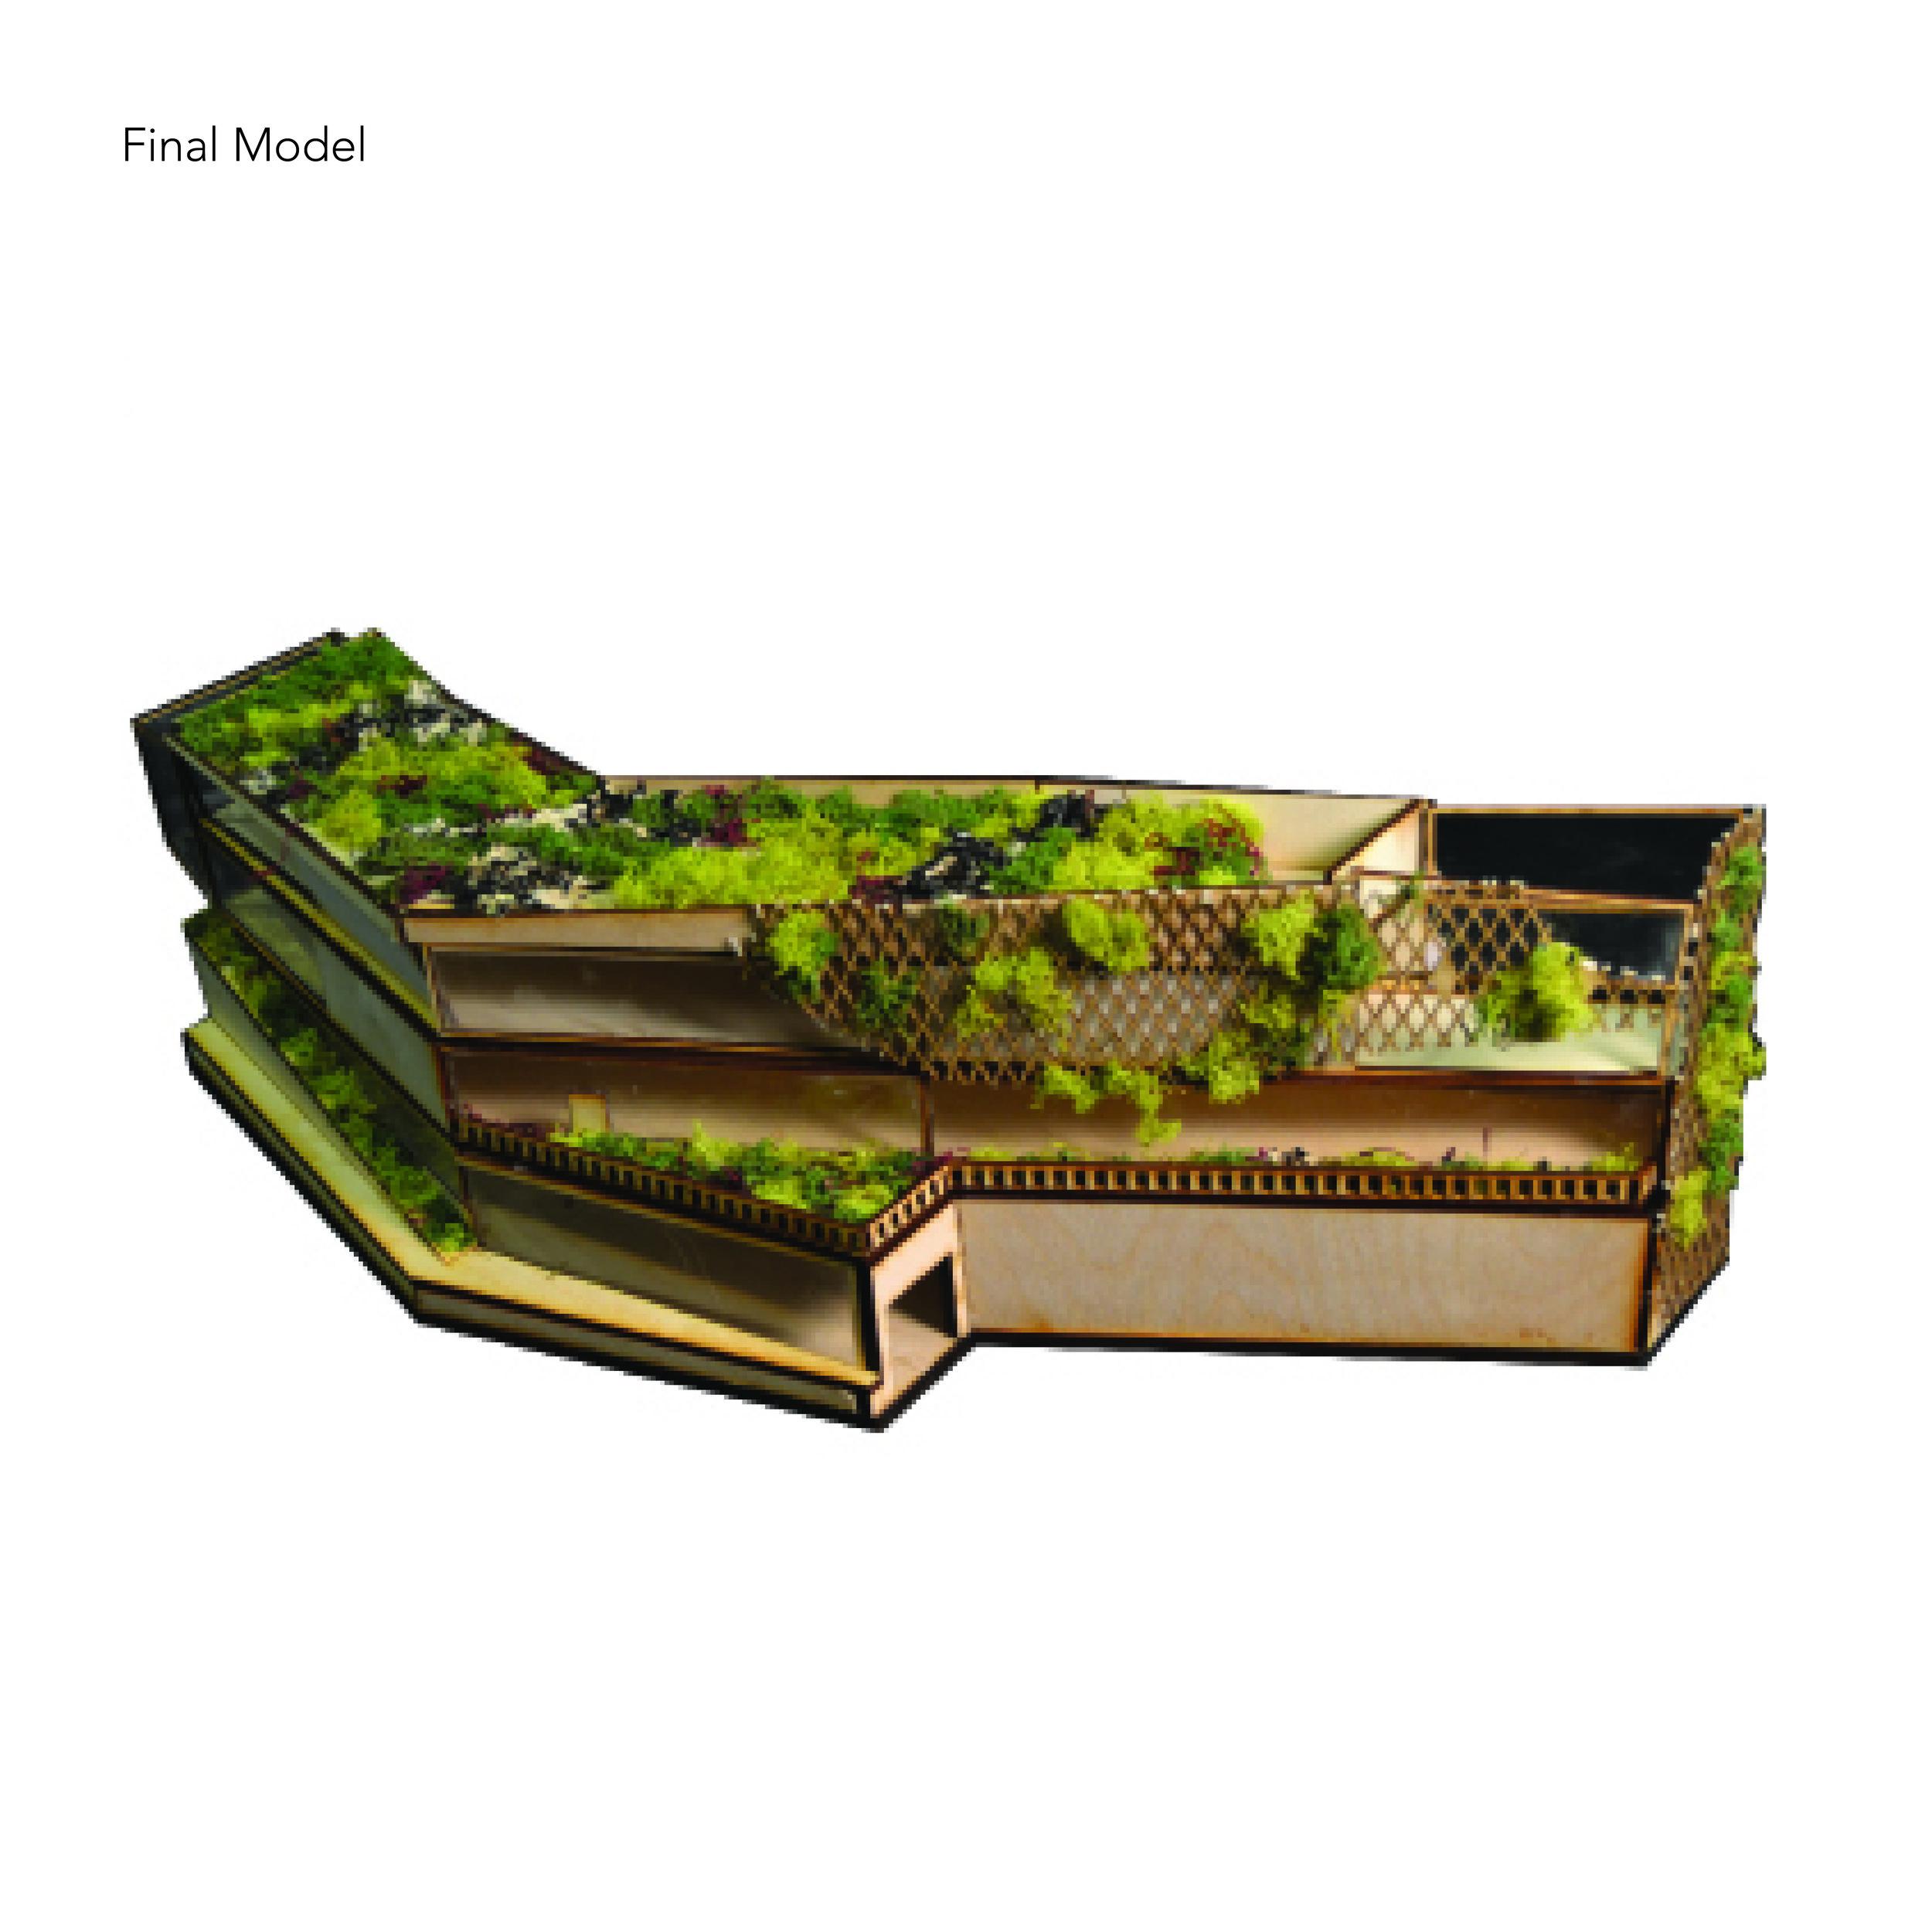 17 0221 Edible Schoolyard gallery image 12.jpg